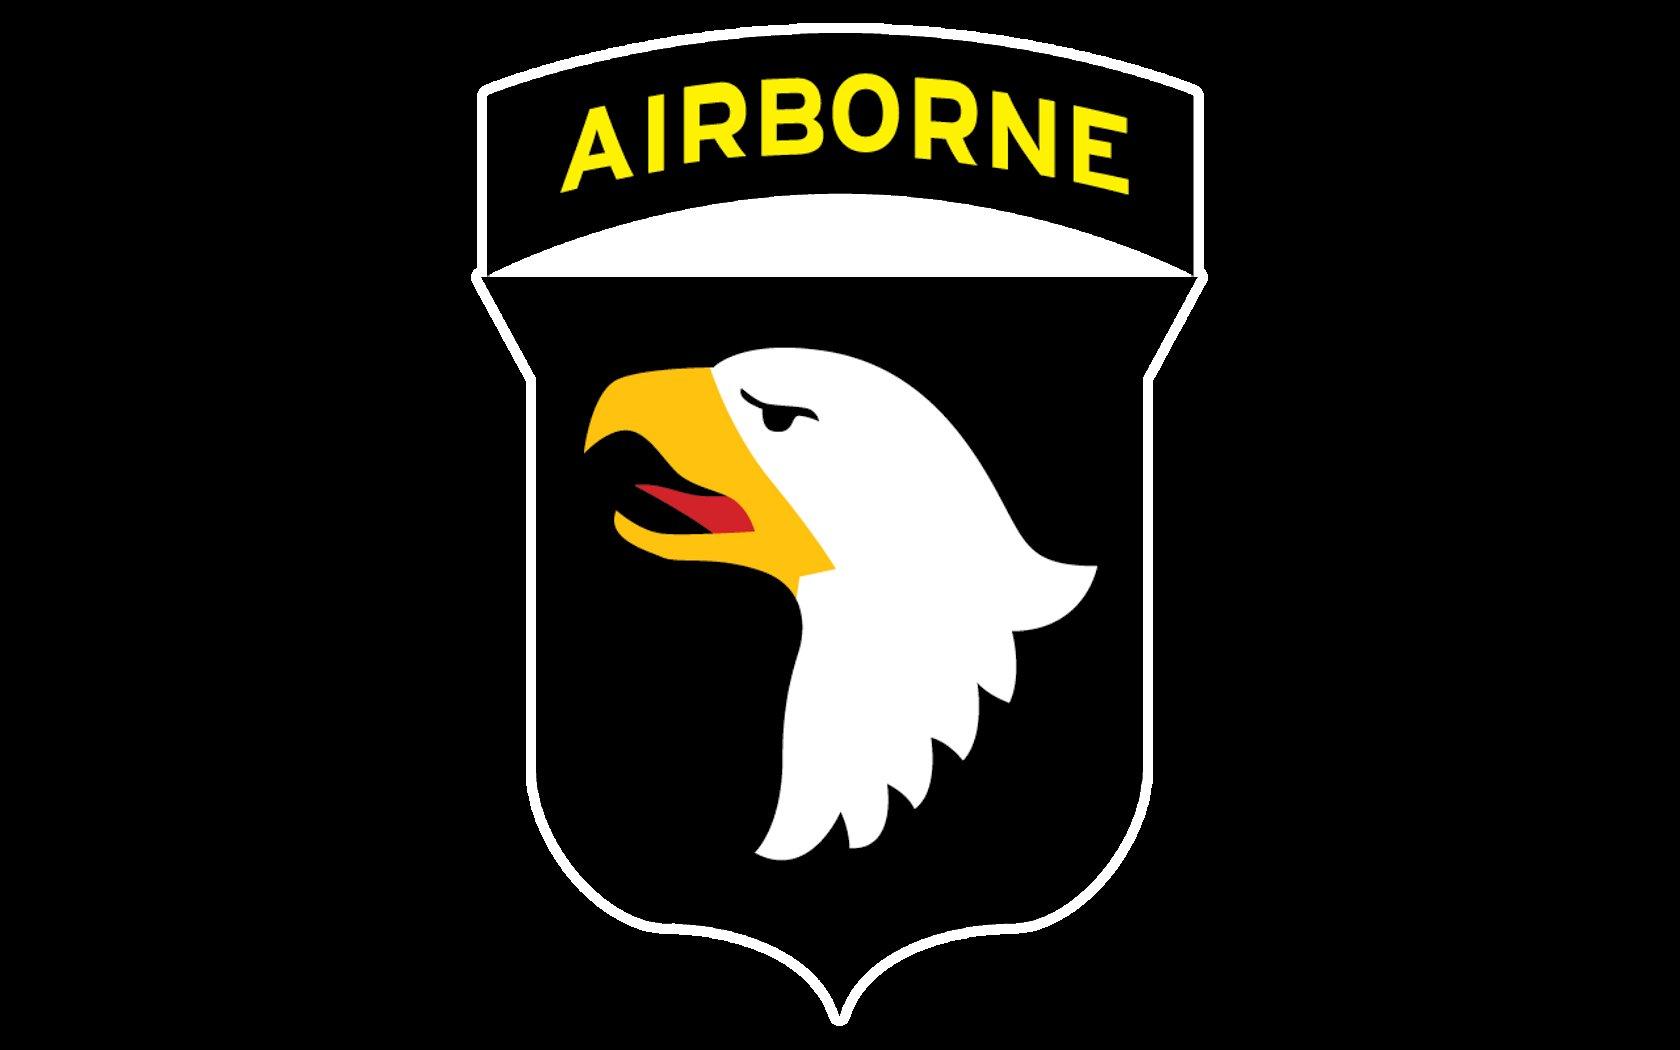 82nd airborne desktop